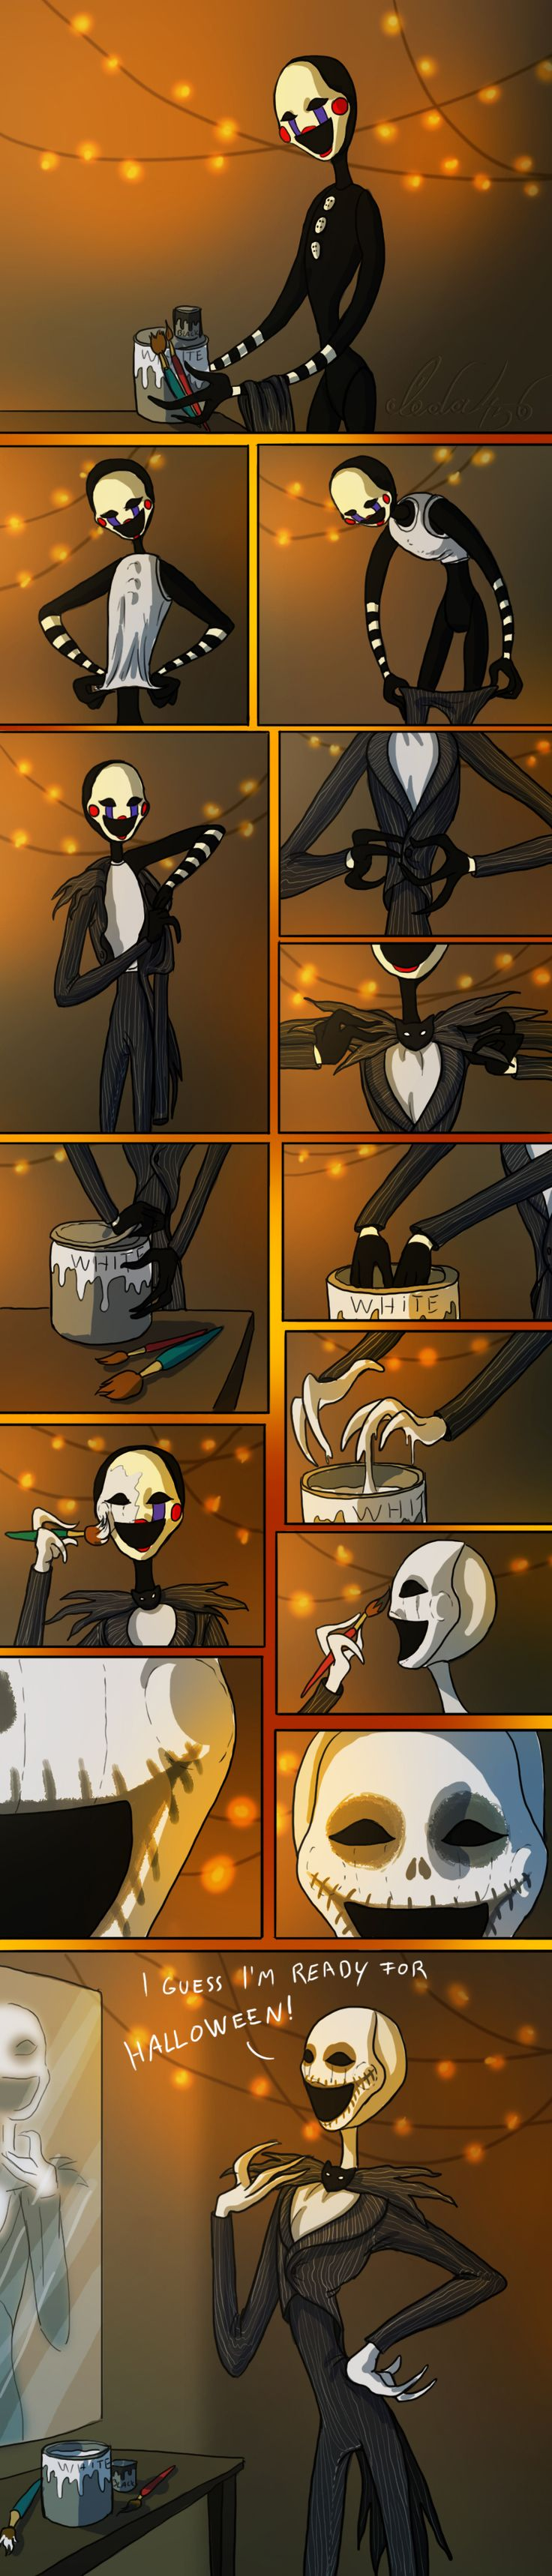 Marionette's Halloween